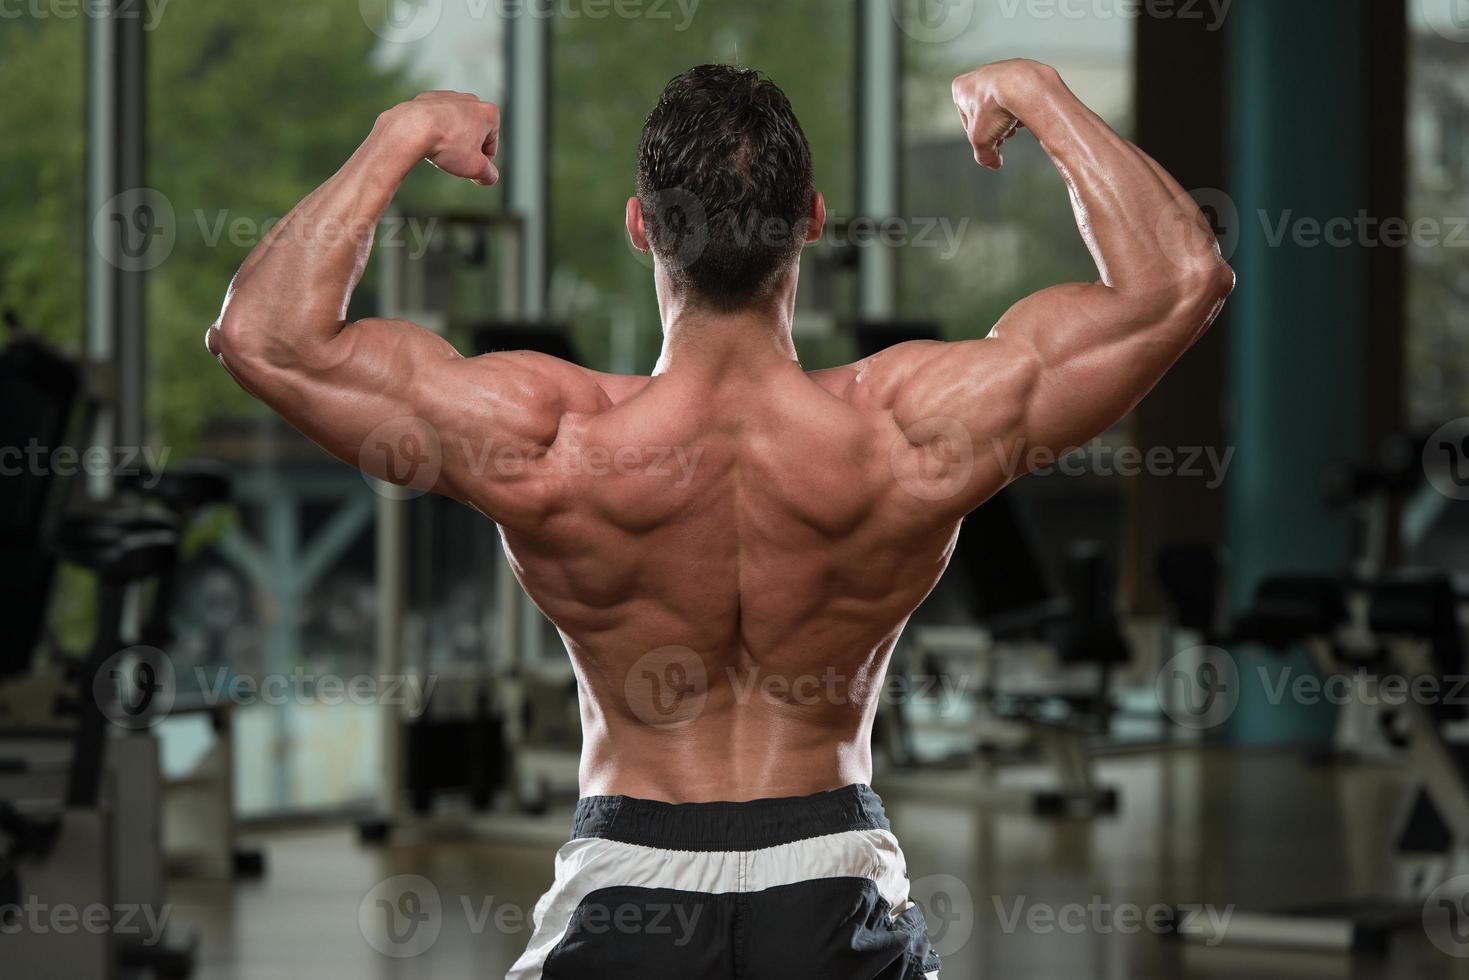 bodybuilder effectuant arrière double biceps pose photo